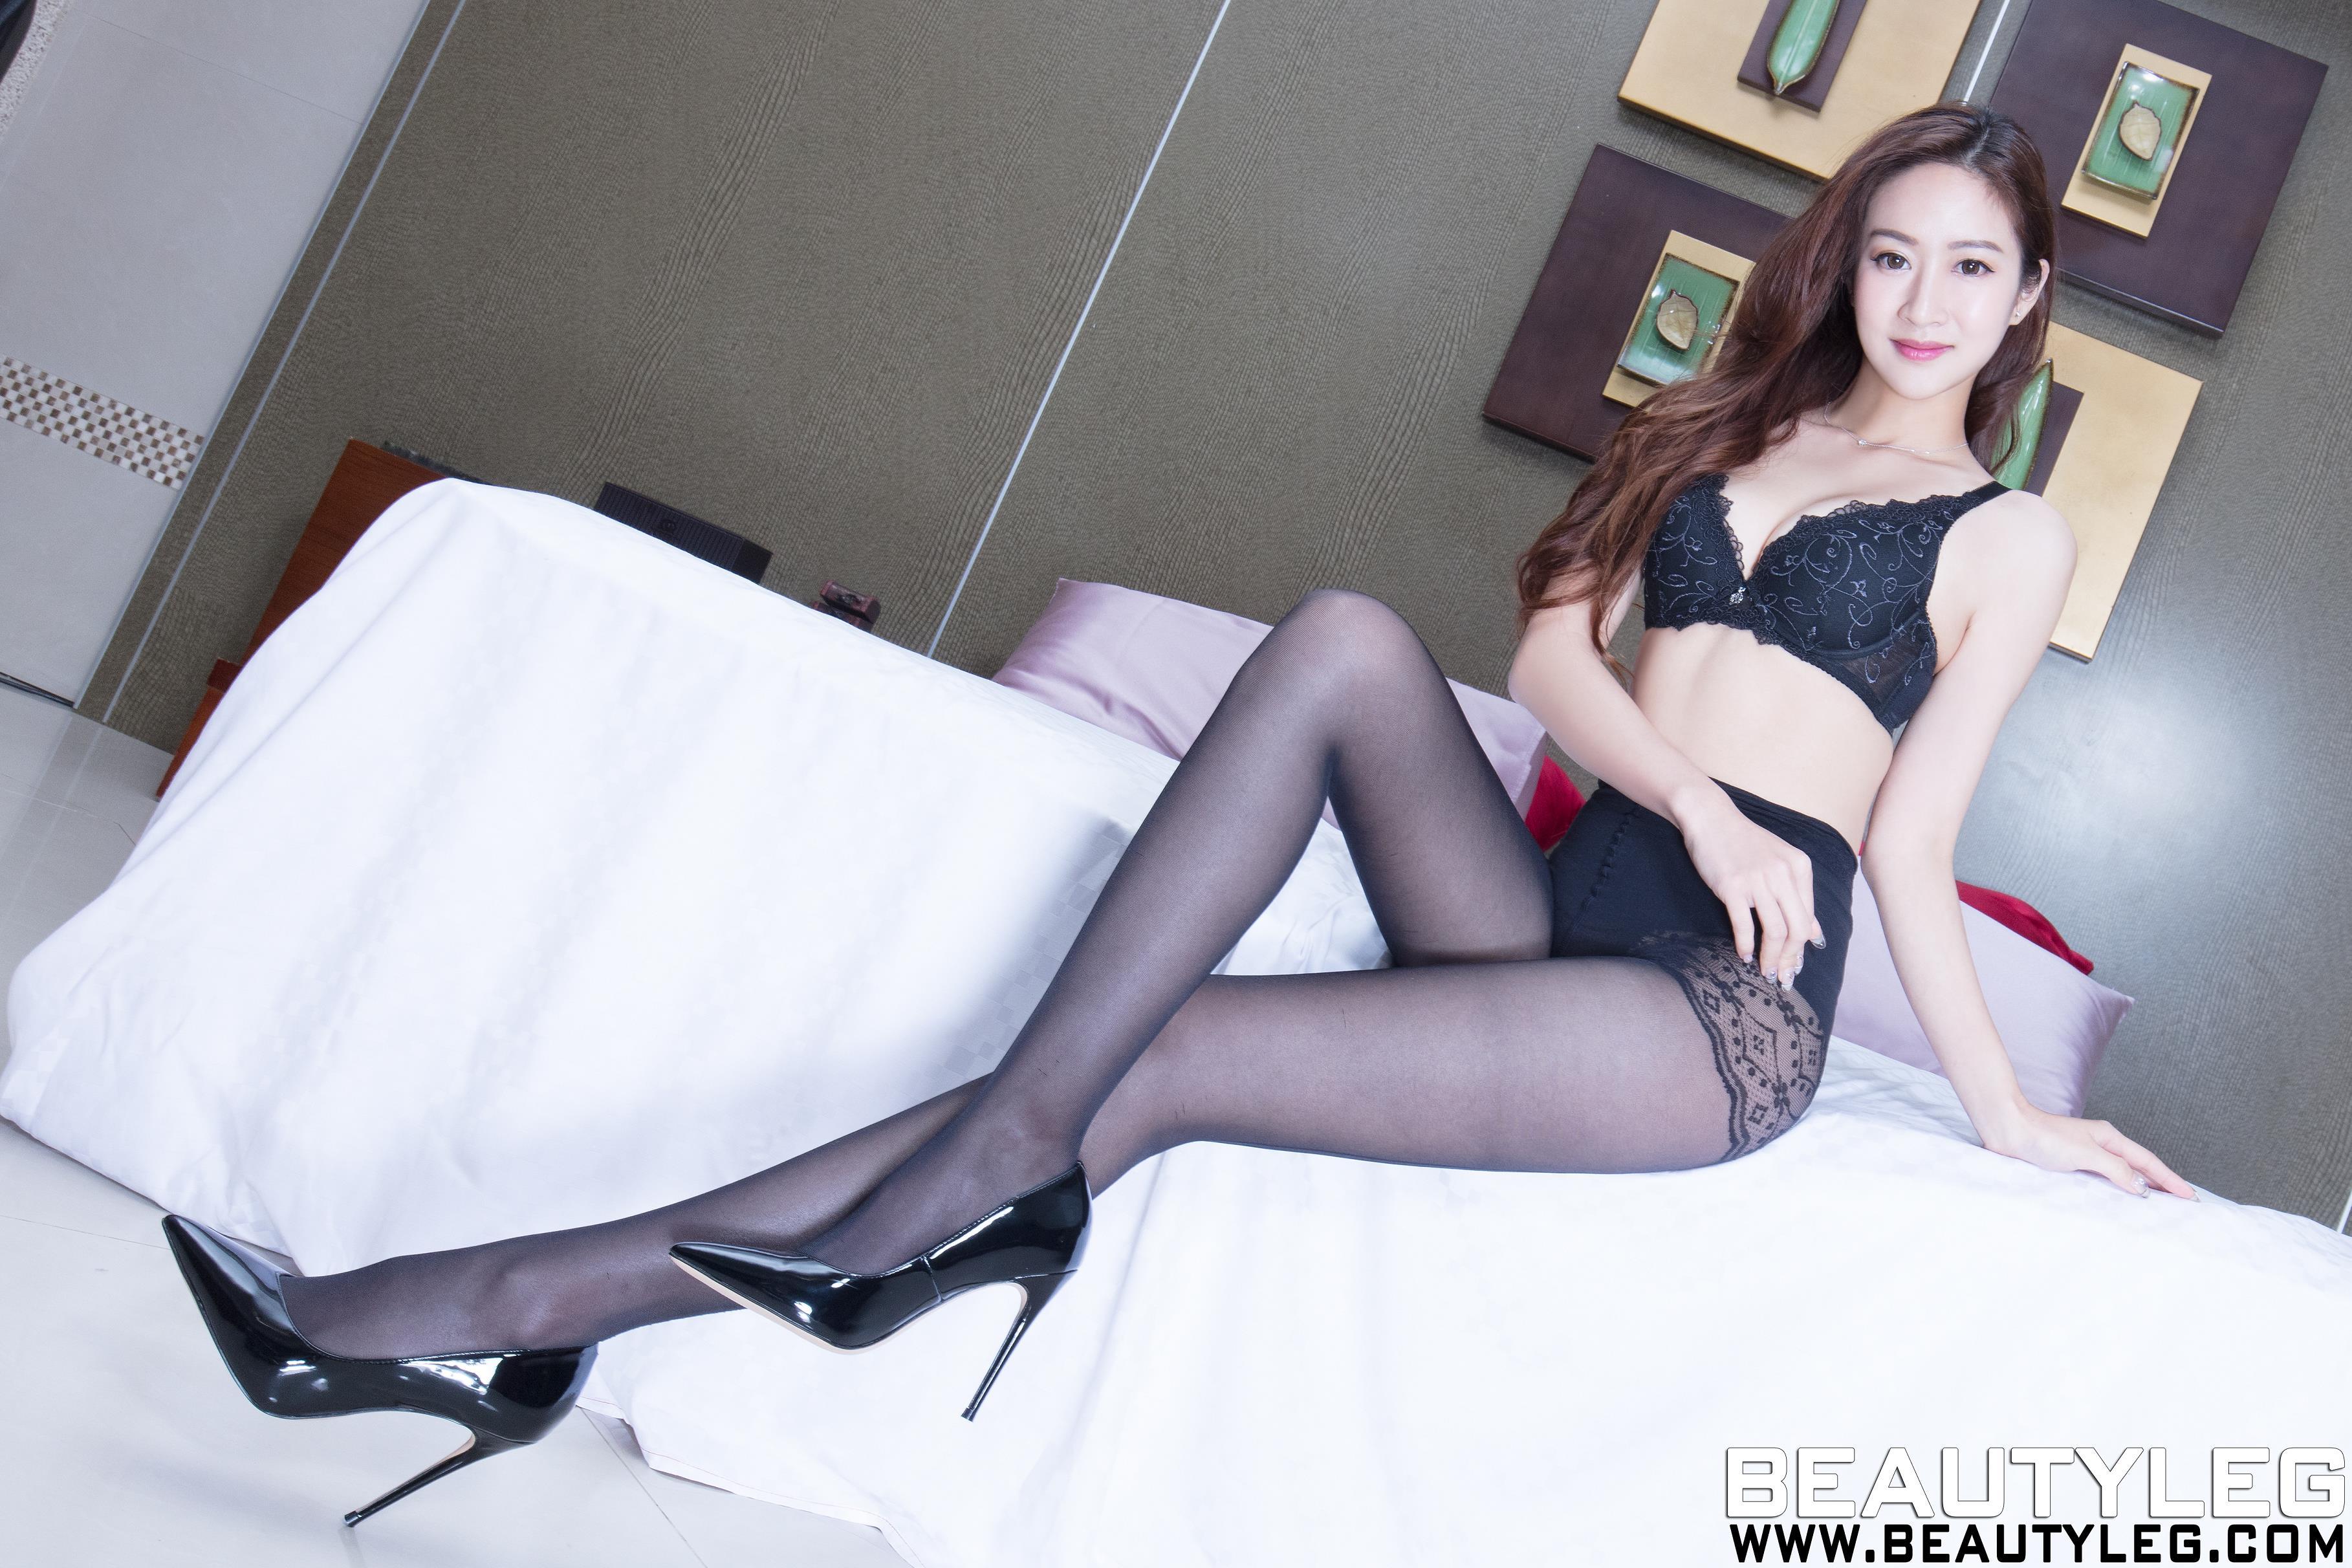 [beautyleg美腿写真]No.1644 Kaylar 黑色性感蕾丝内衣加黑色丝袜美腿私房写真集